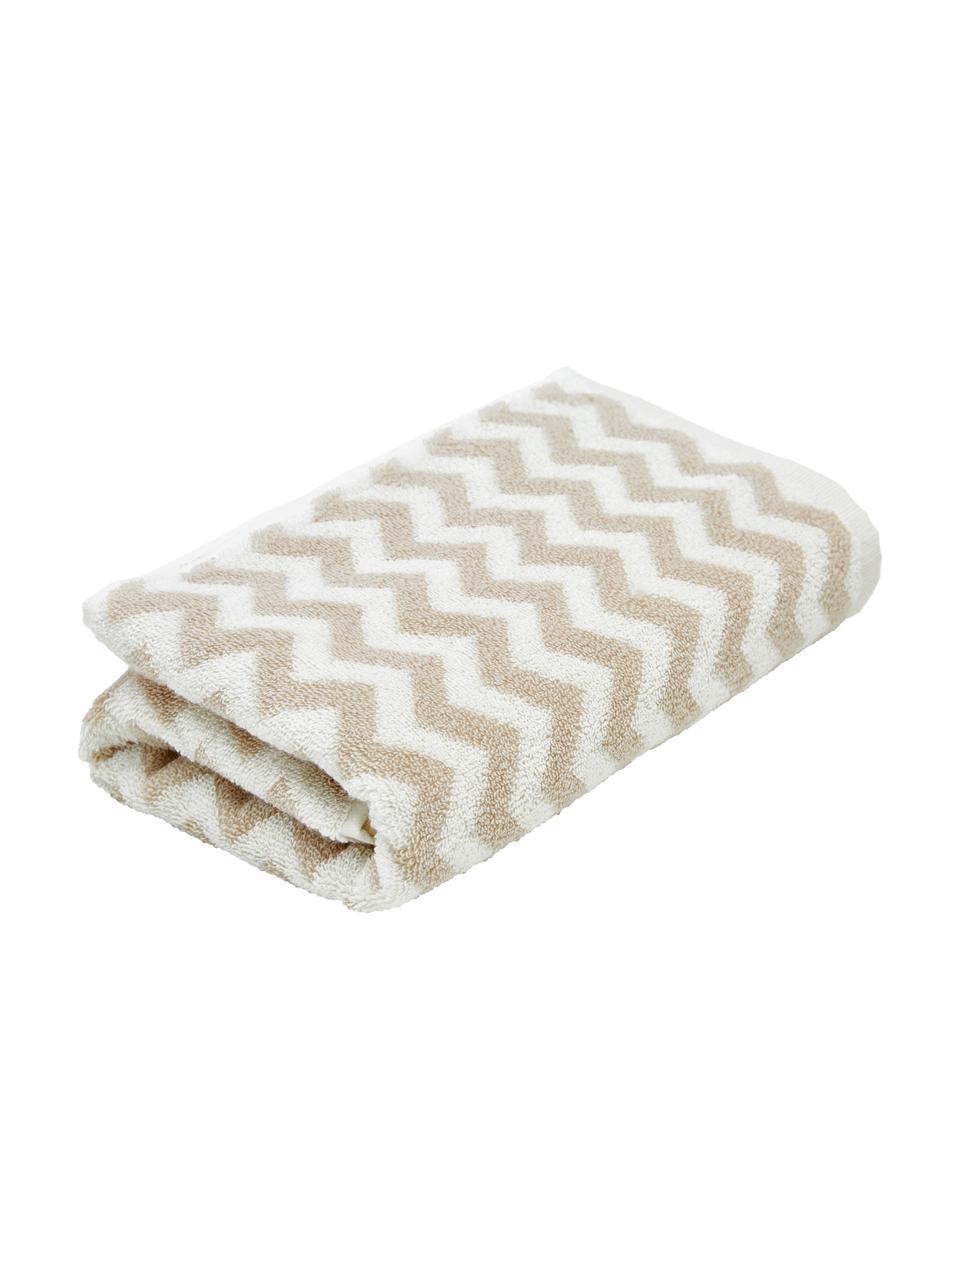 Serviette de toilette coton pur à imprimé zigzag Liv, Couleur sable, blanc crème